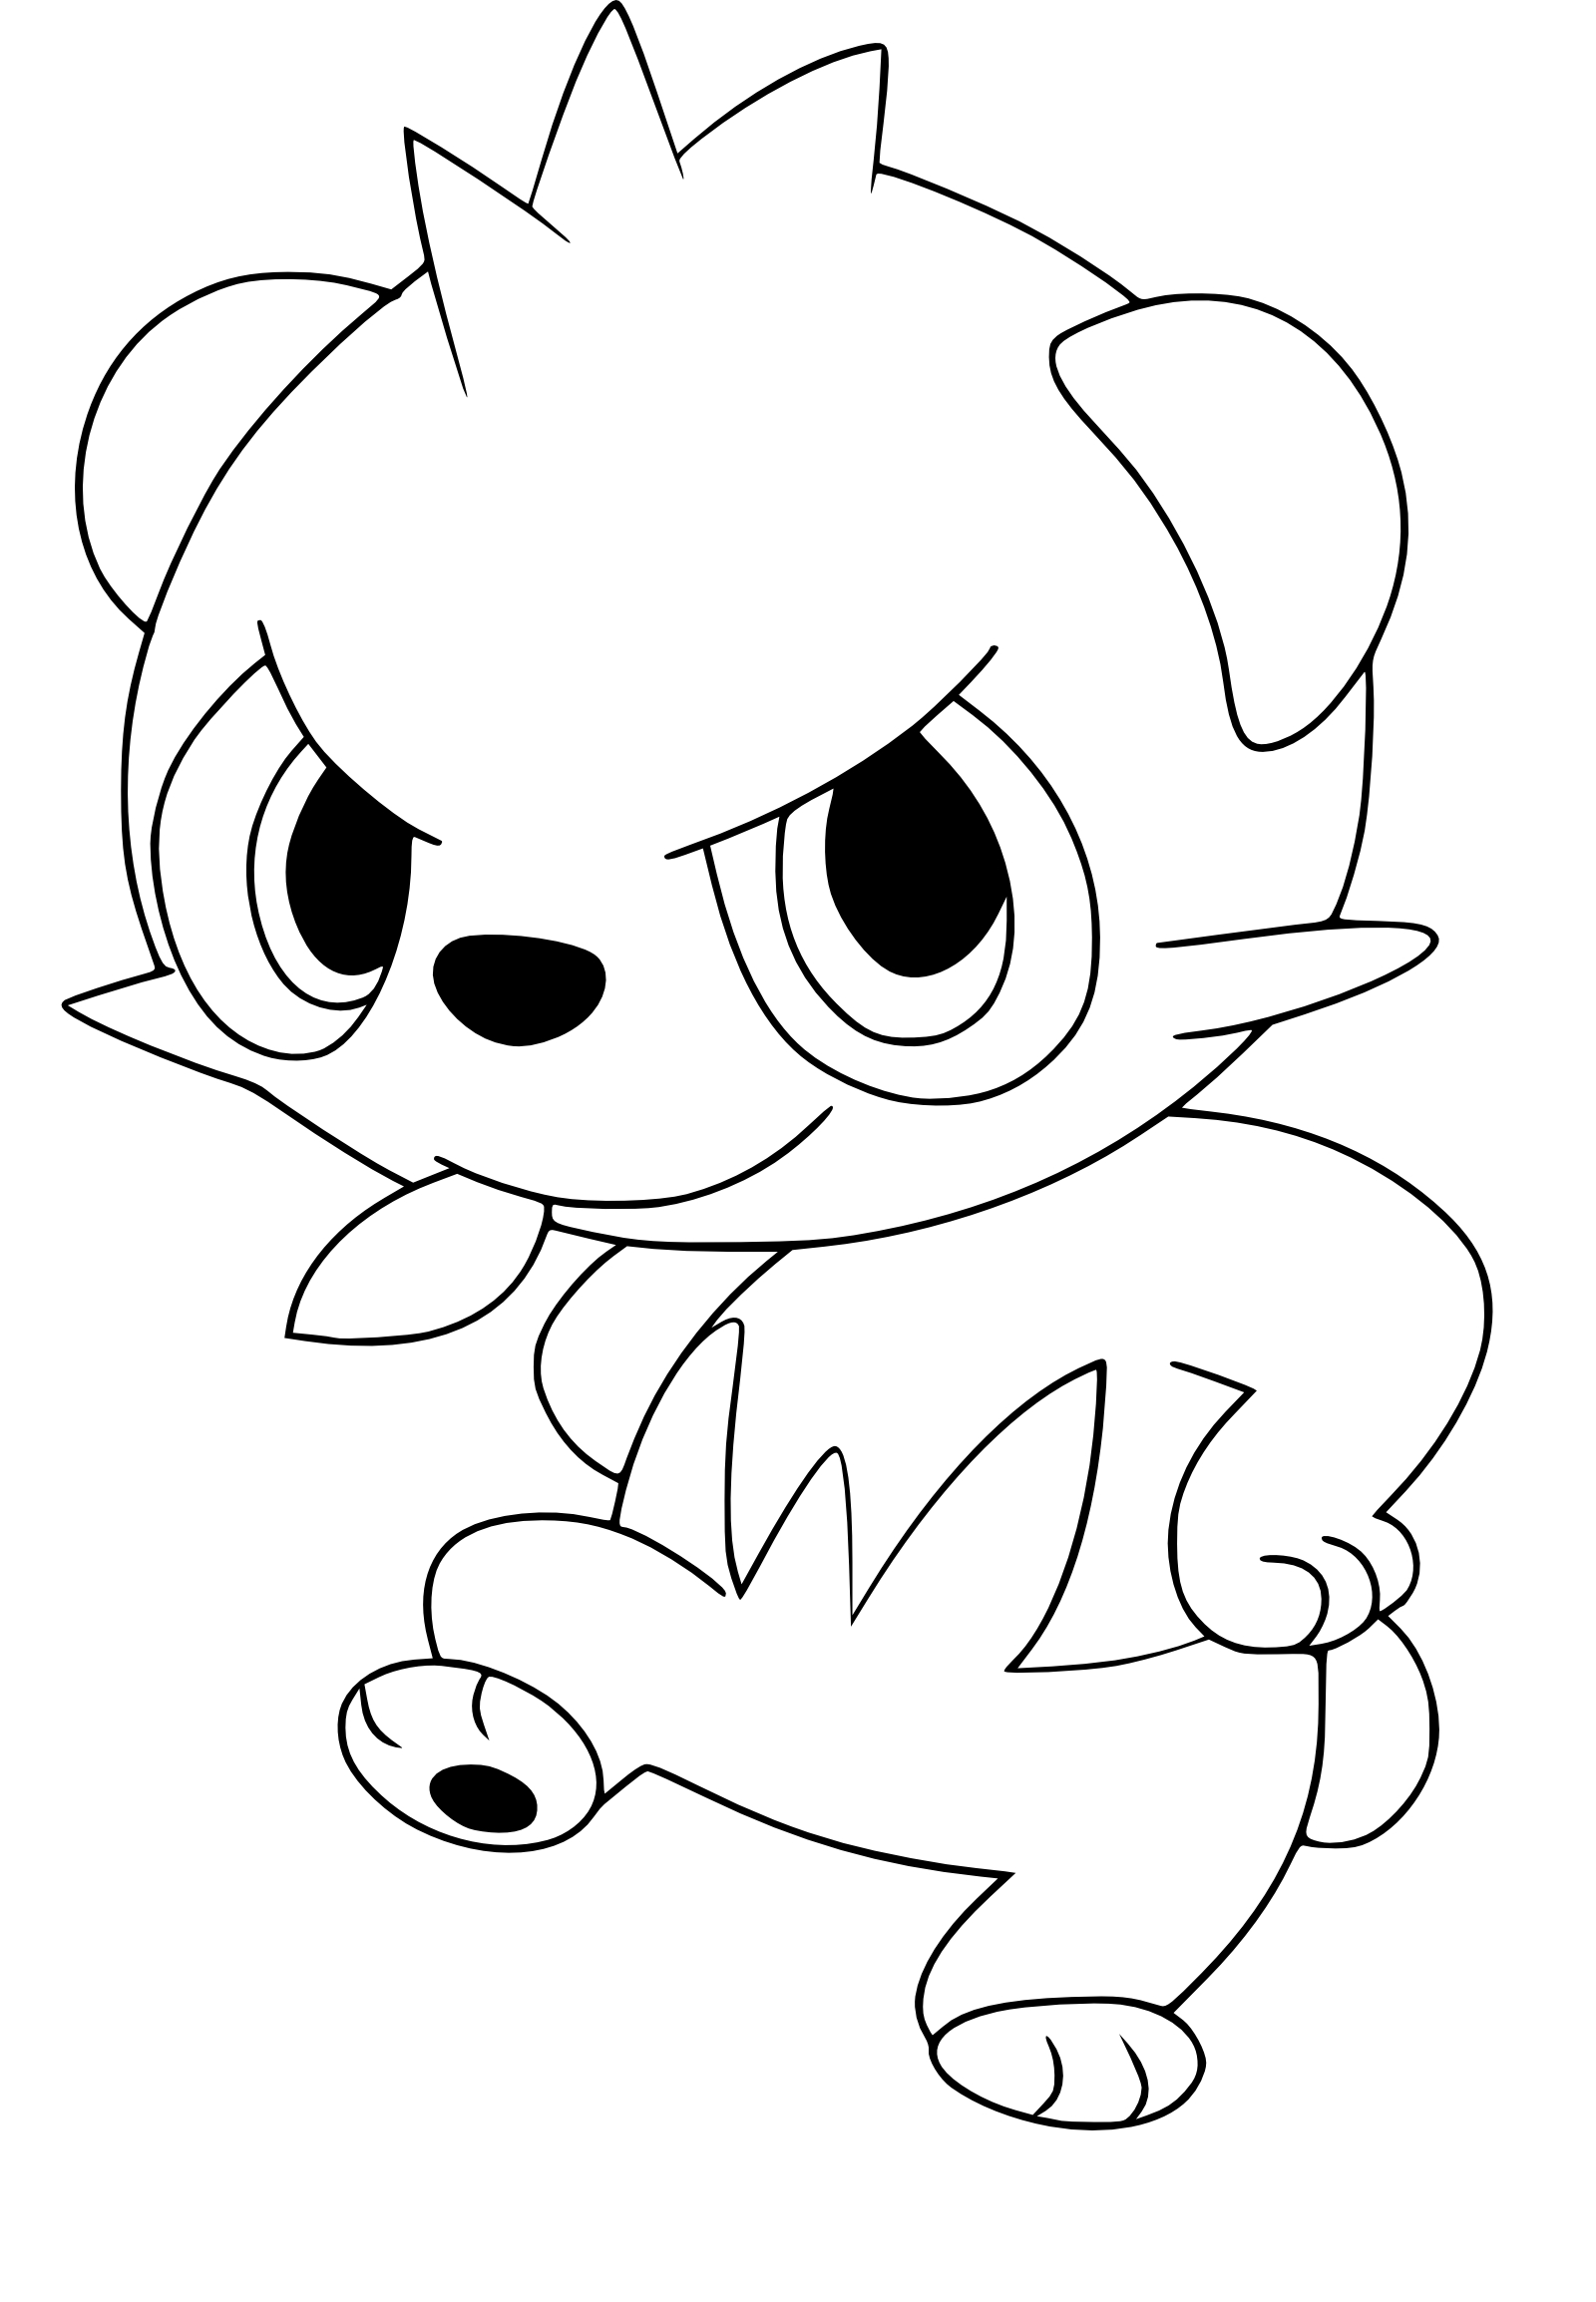 Coloriage pandespi gle pokemon imprimer - Dessin de pokemon facile ...